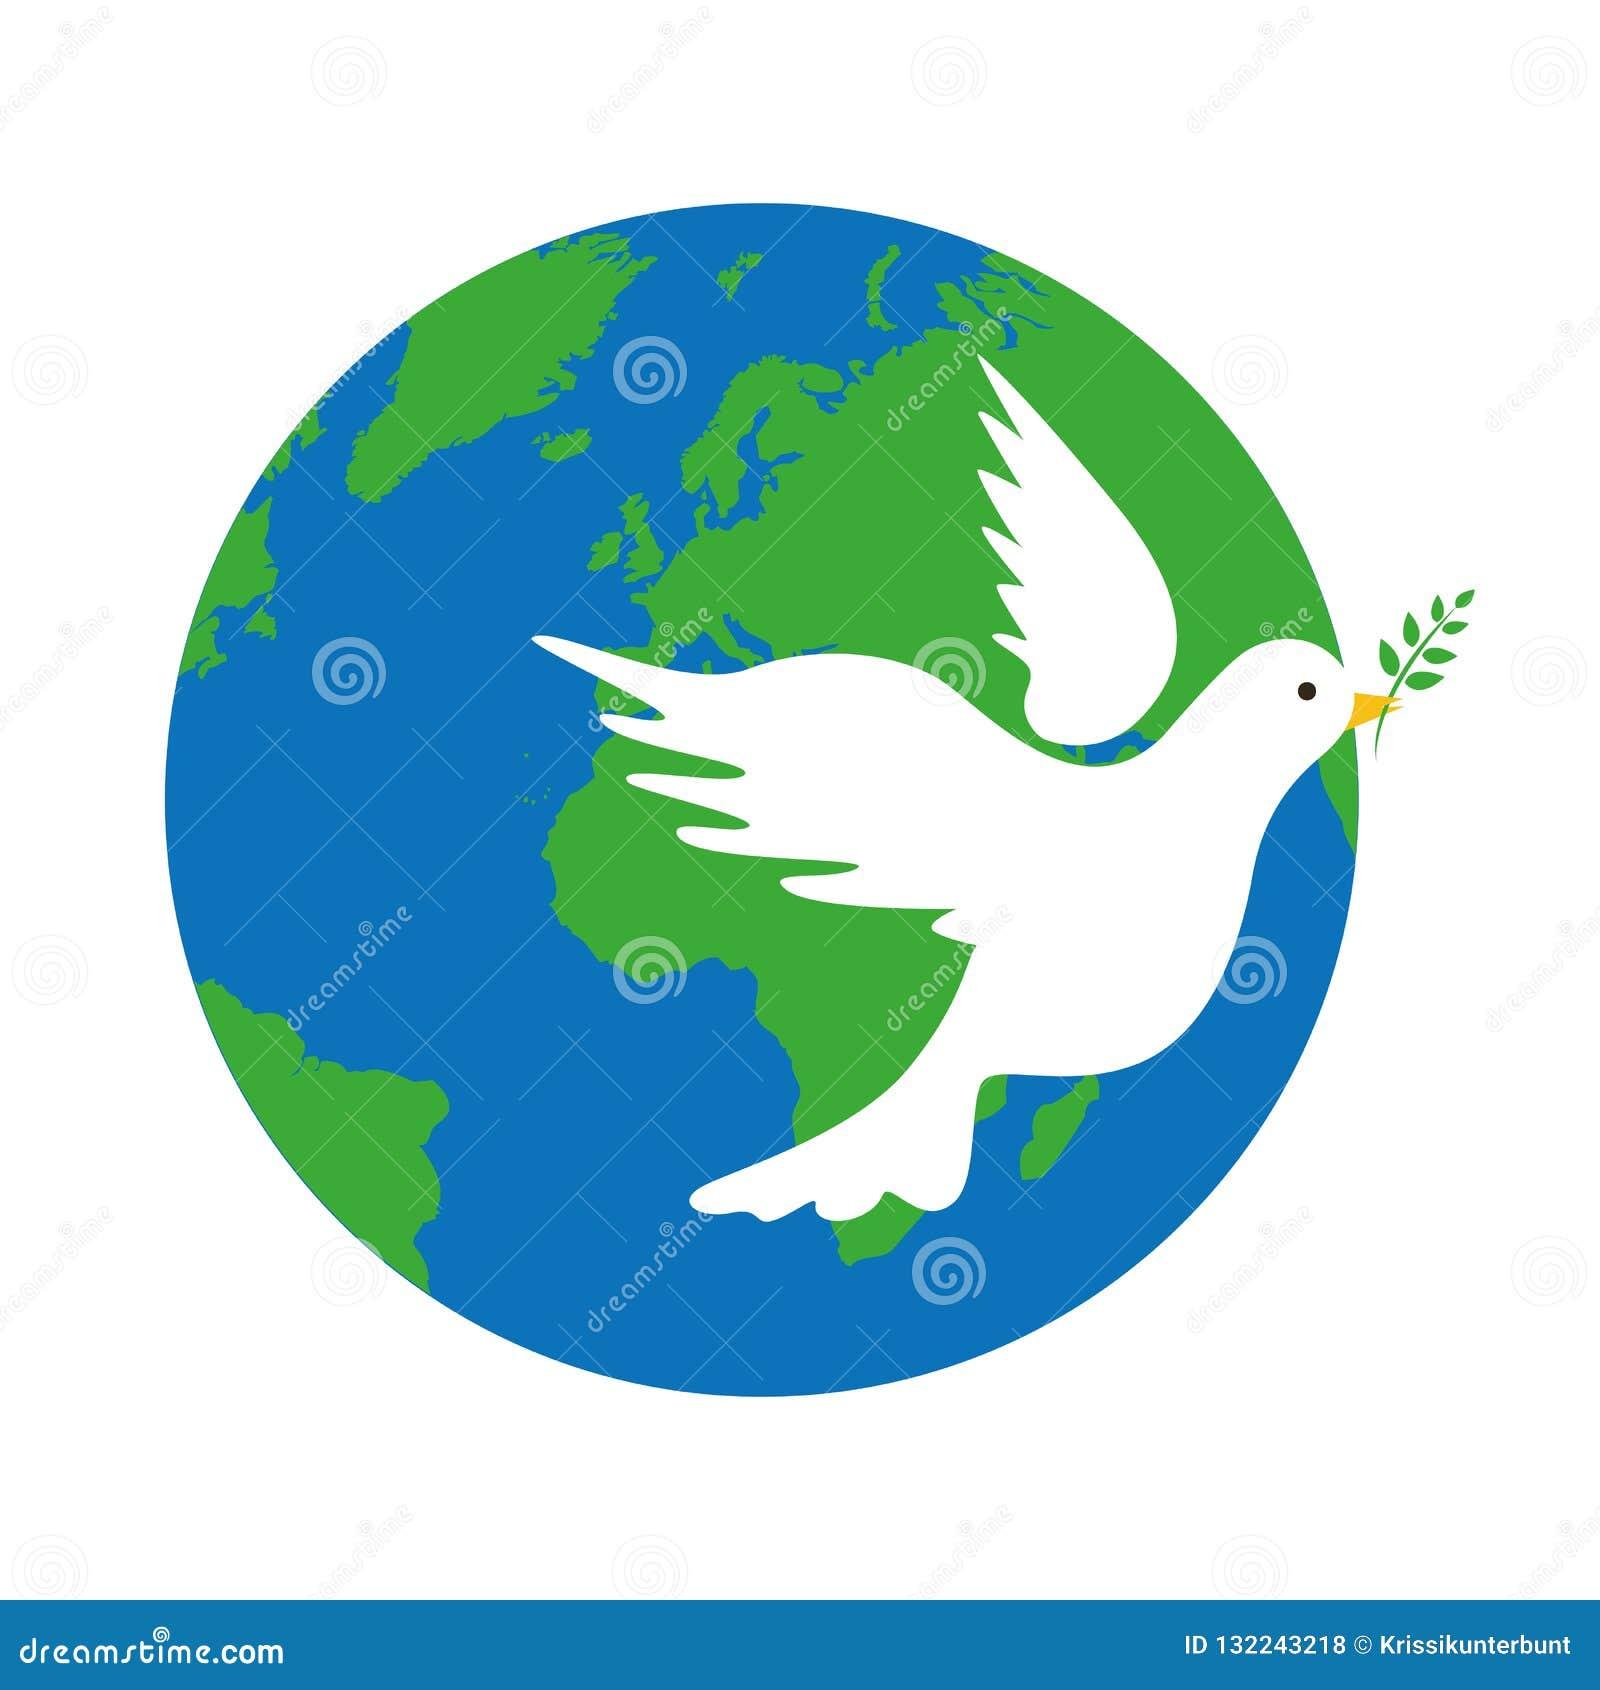 Γη και άσπρο σύμβολο ειρήνης περιστεριών